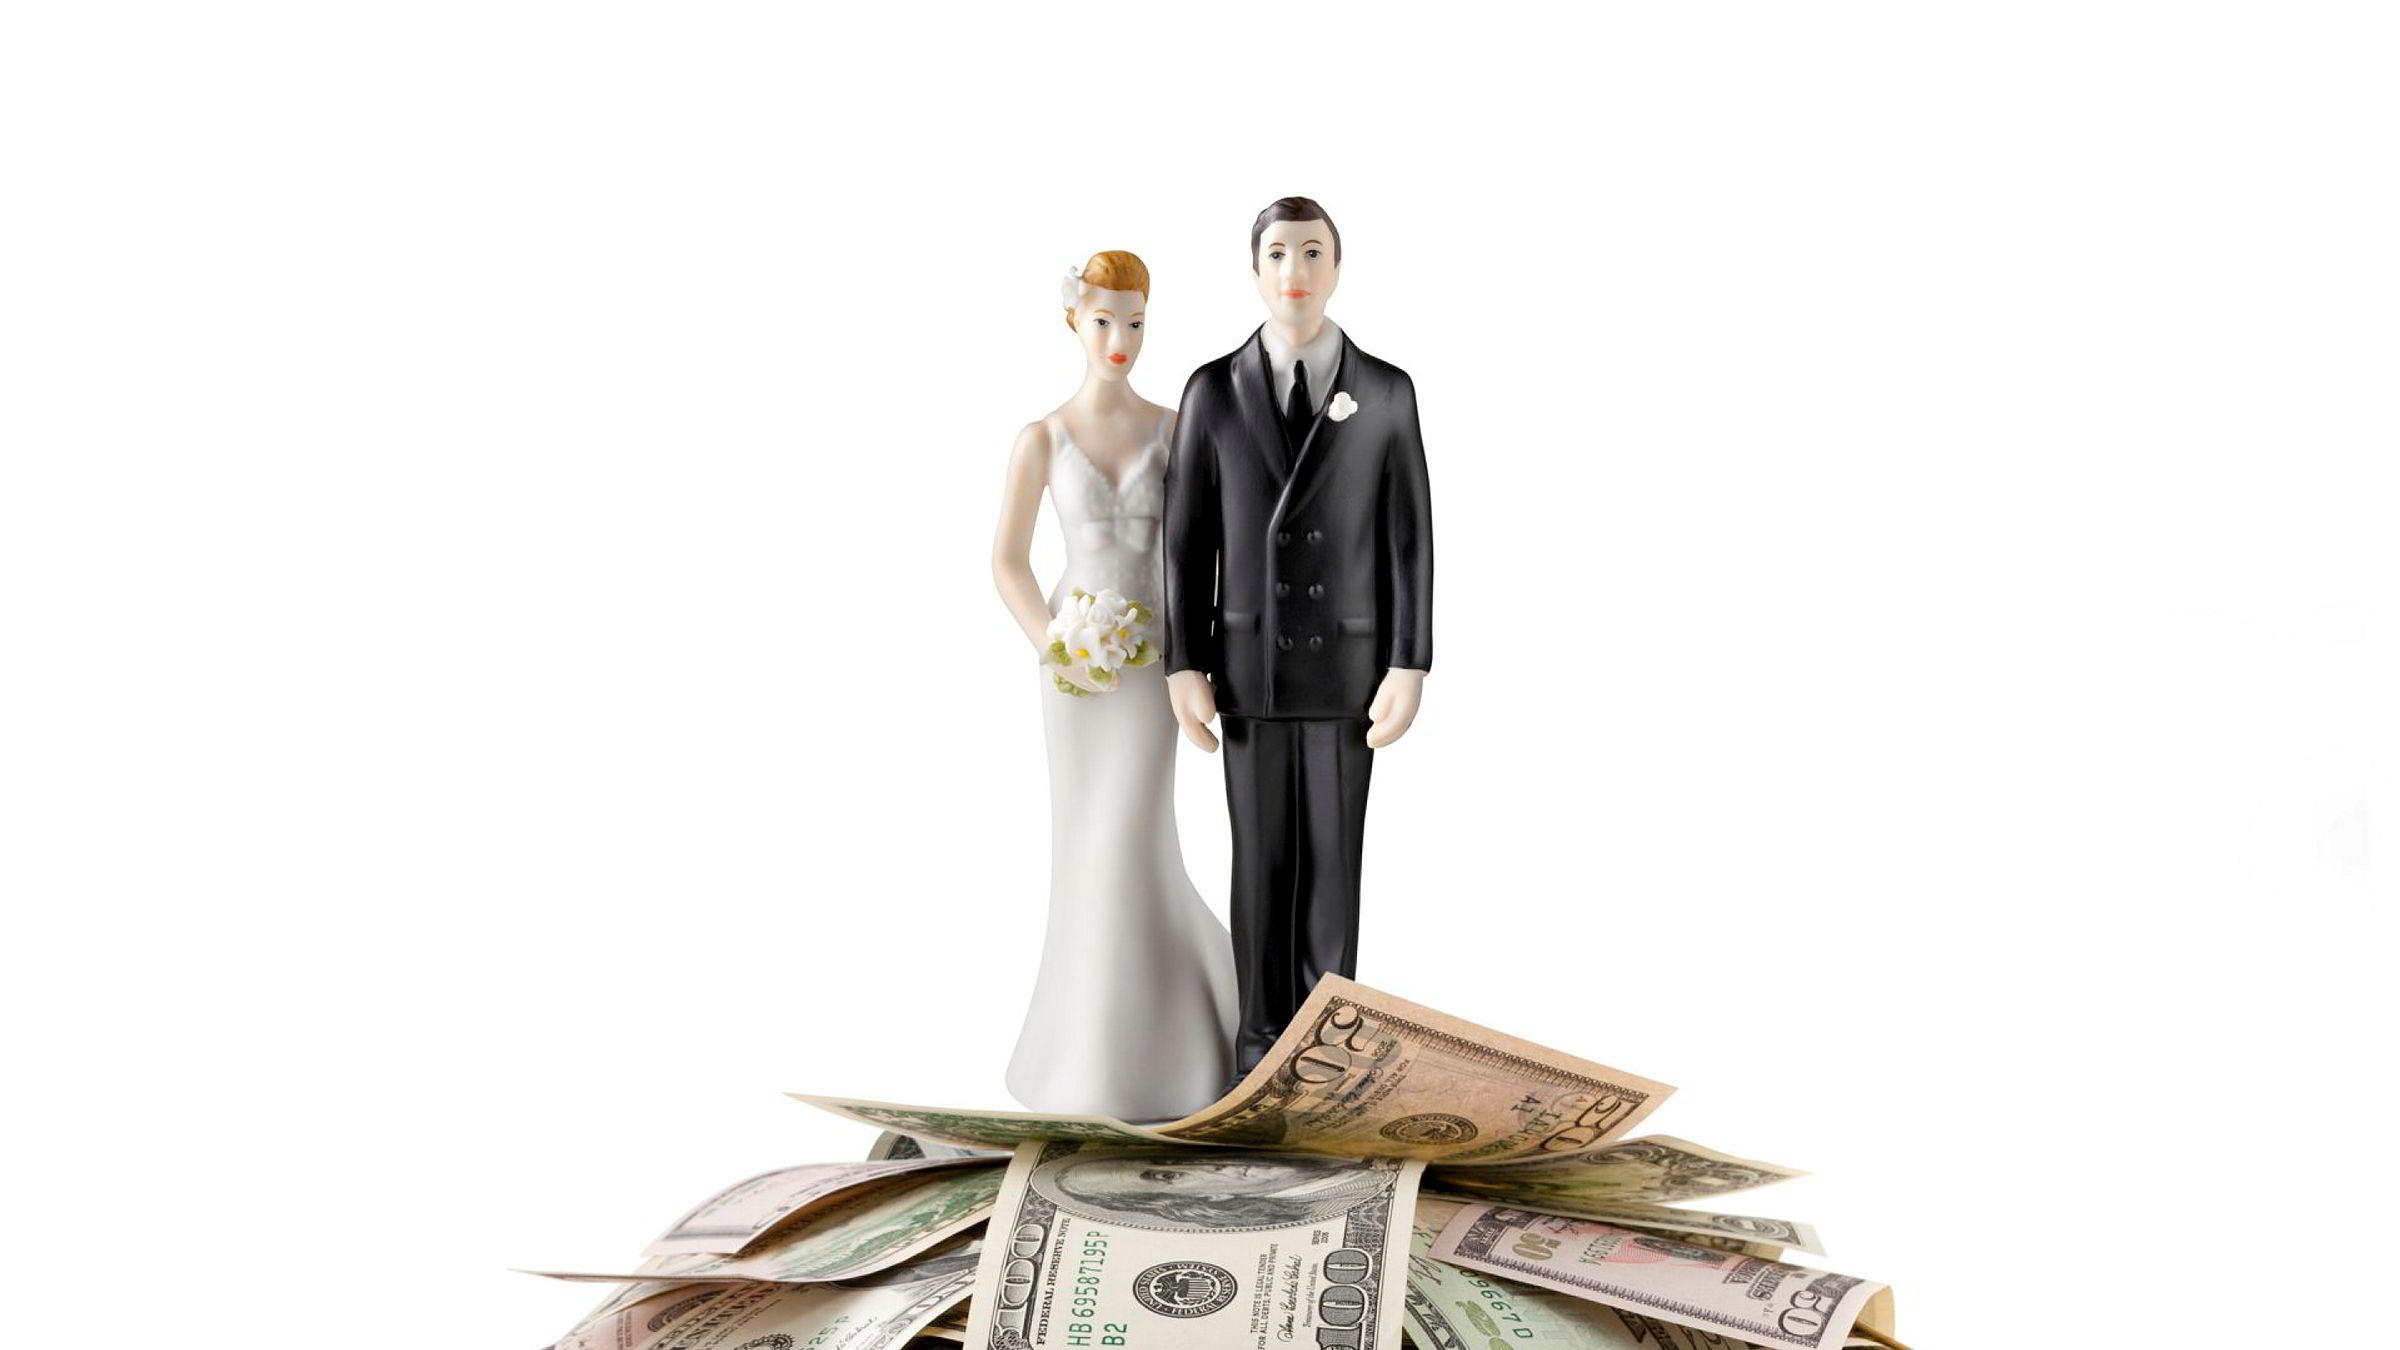 De rikeste kvinnene gifter seg i økende grad med de rikeste mennene i så å si alle land, skriver artikkelforfatteren.